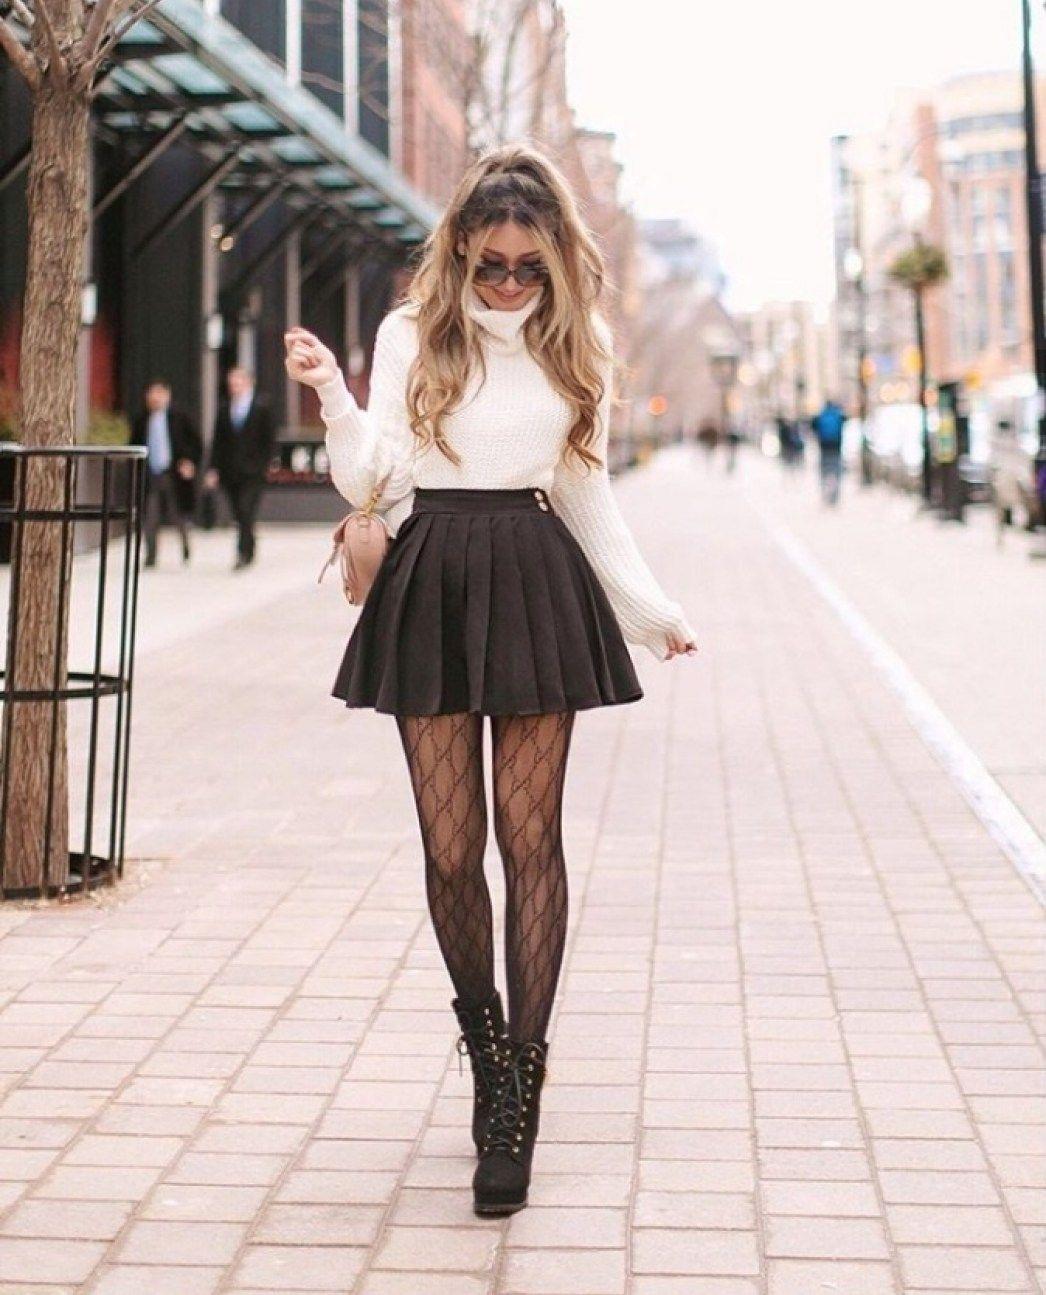 Cómo usar minifaldas: ¡consejos para lucir totalmente chic!  – Moda